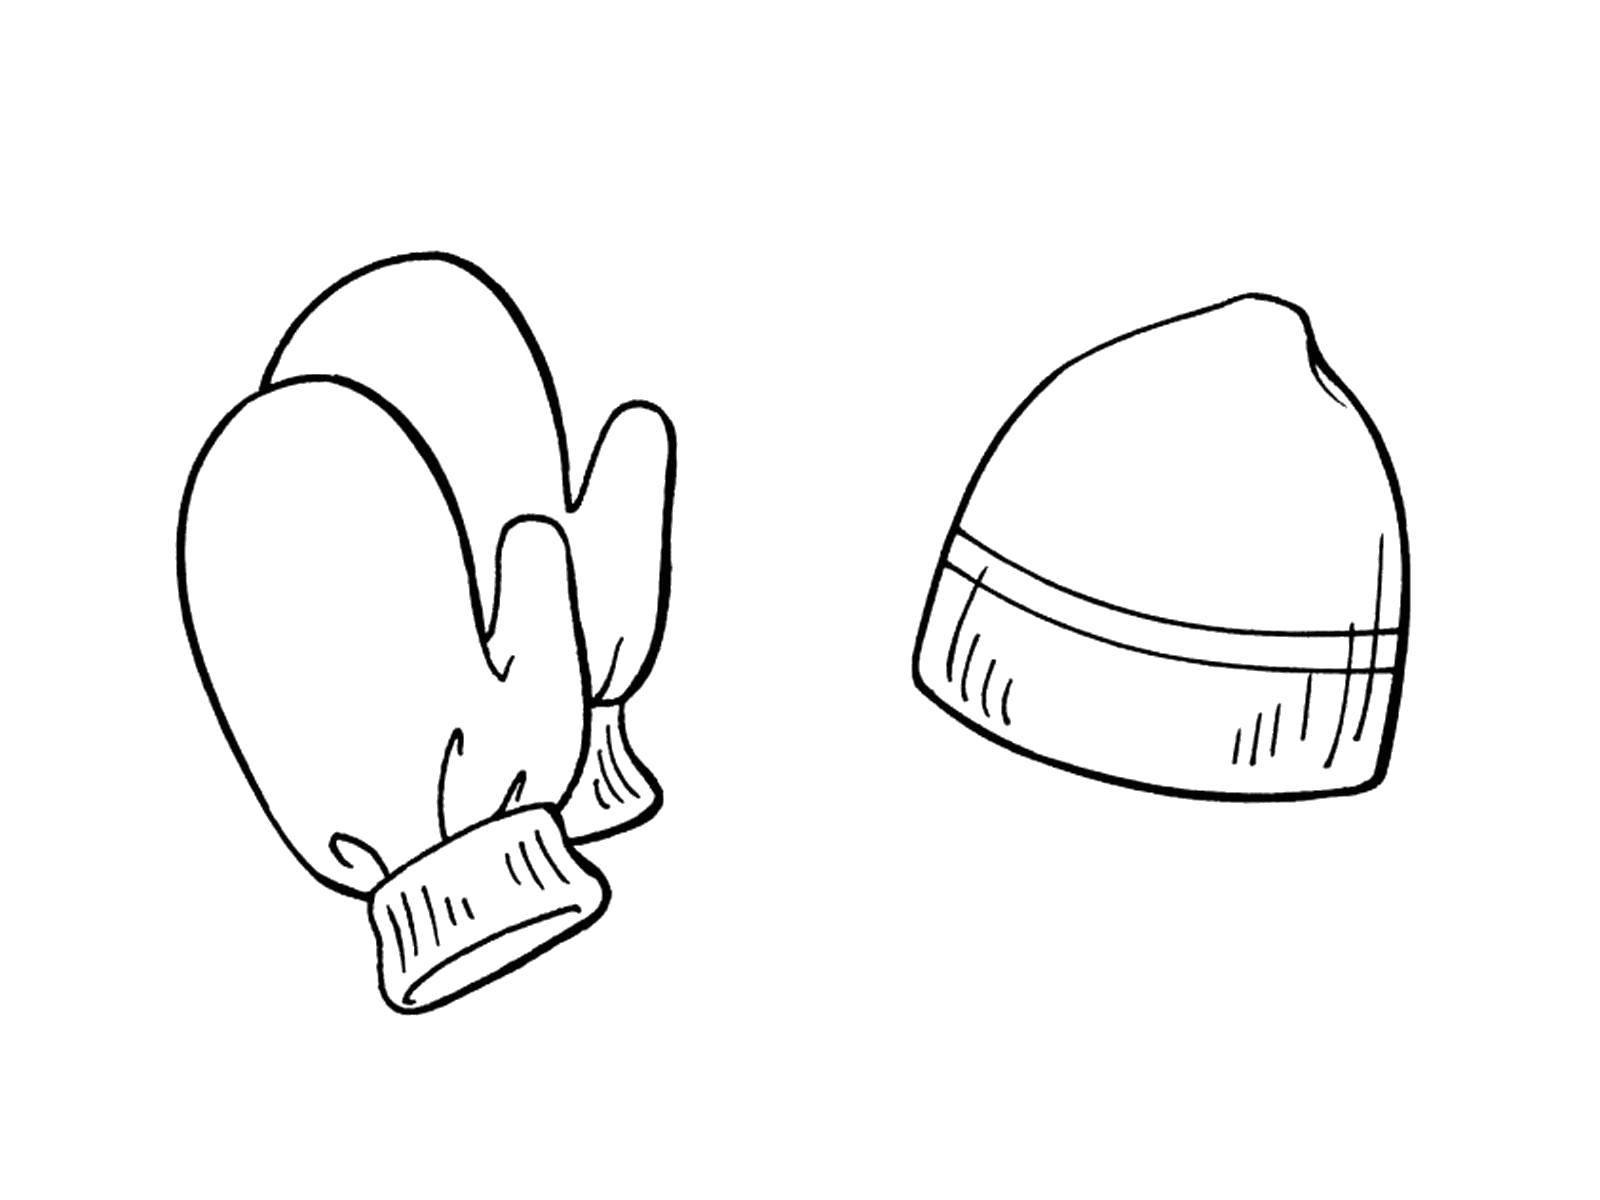 картинки шапочек для раскрашивания женщины, добившиеся успехов